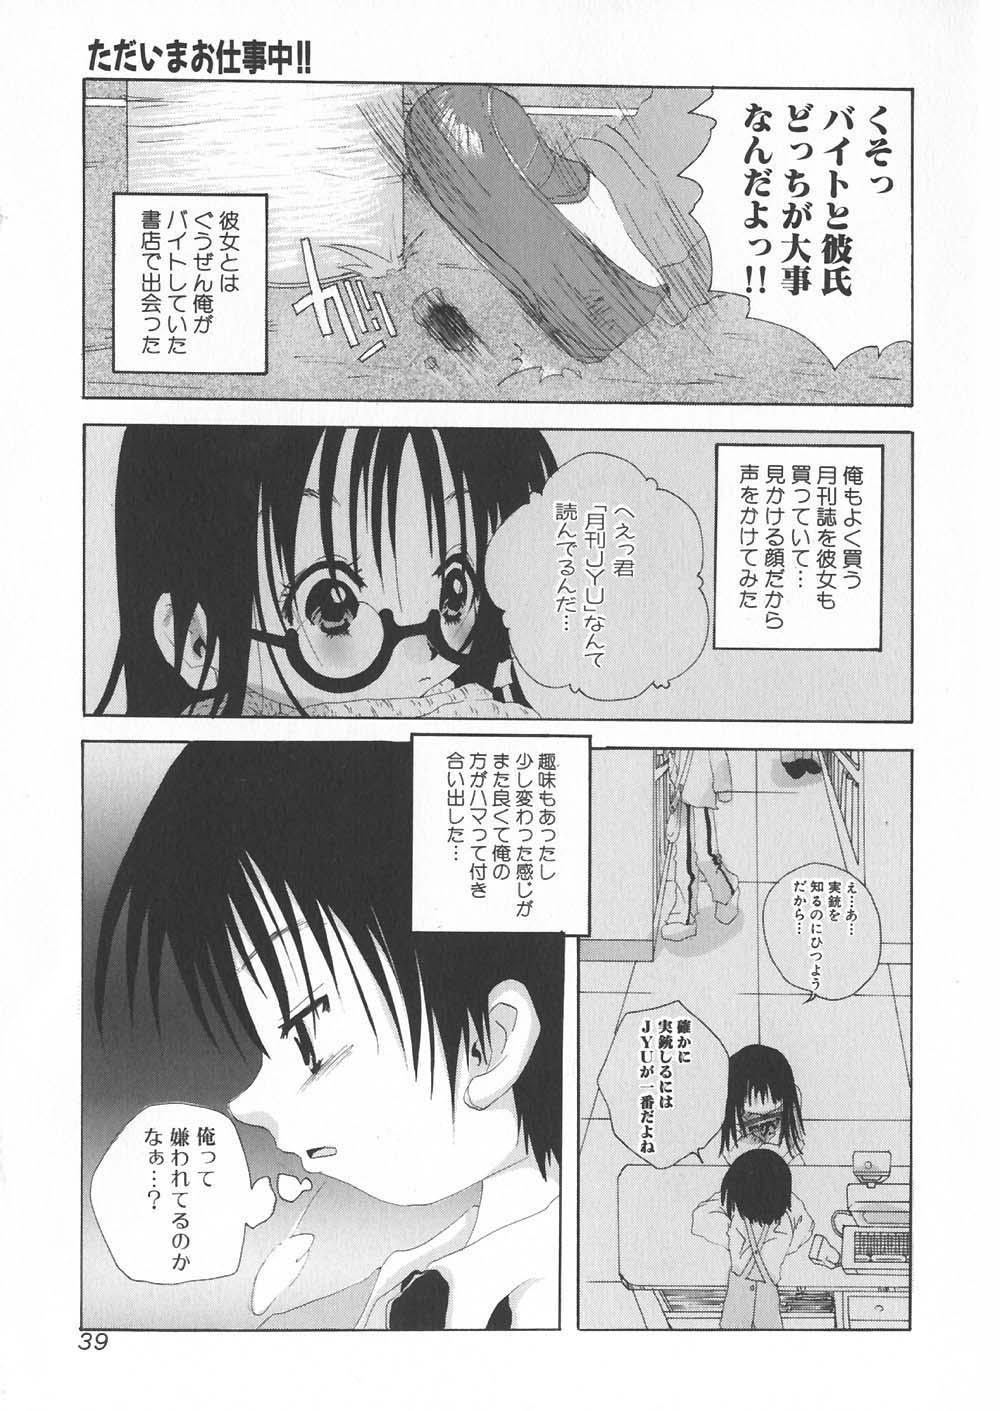 Gochuumon wa Okimari Desuka 40